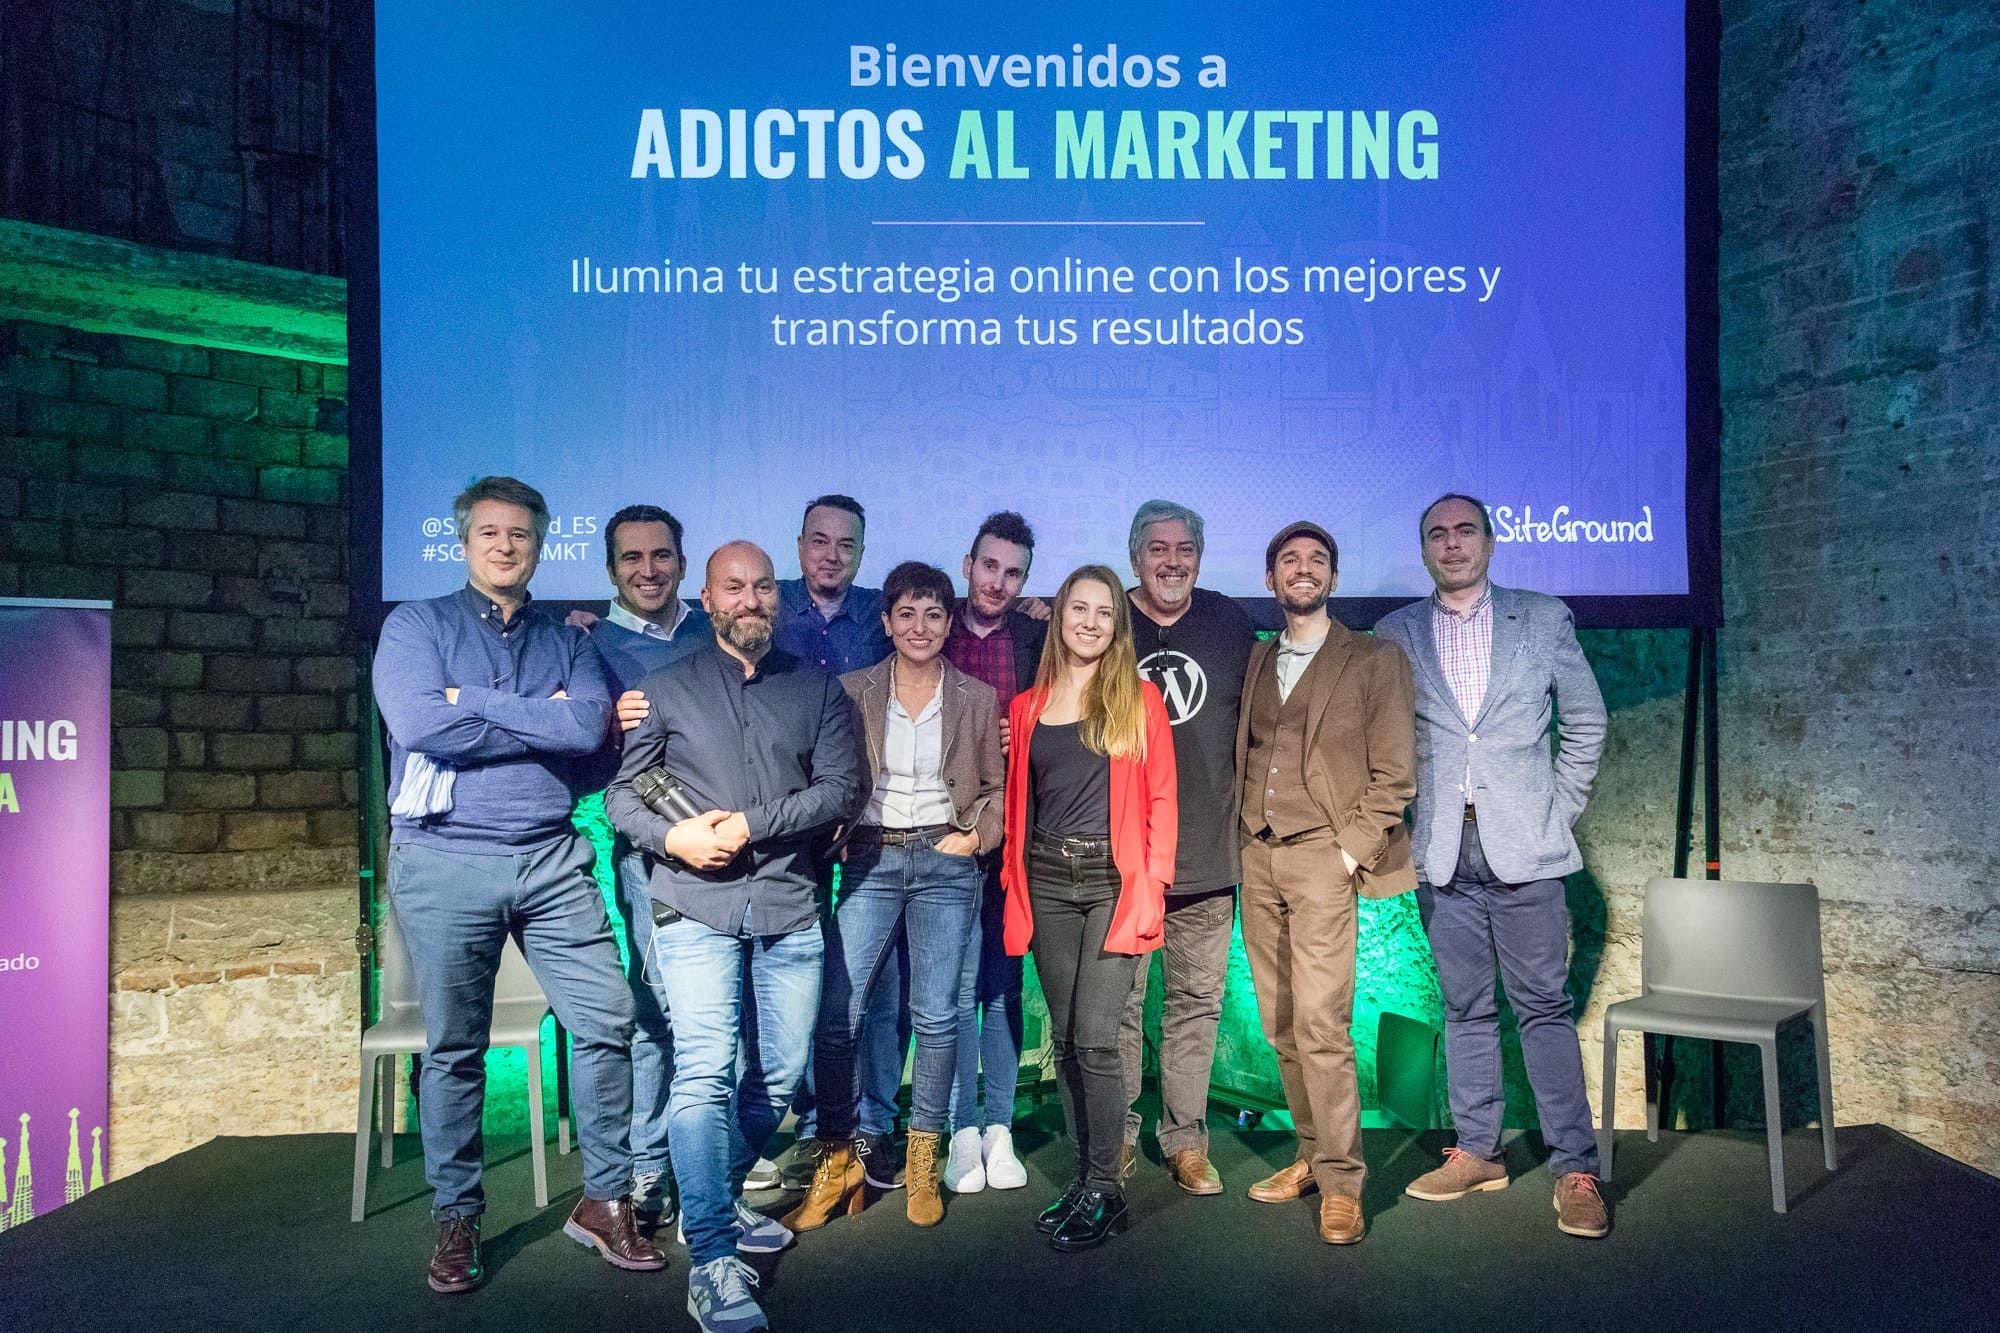 """SiteGround presenta """"Nuevas Tendencias de Marketing 2020"""" en """"Adictos al Marketing"""" el 13 Nov en Barcelona"""